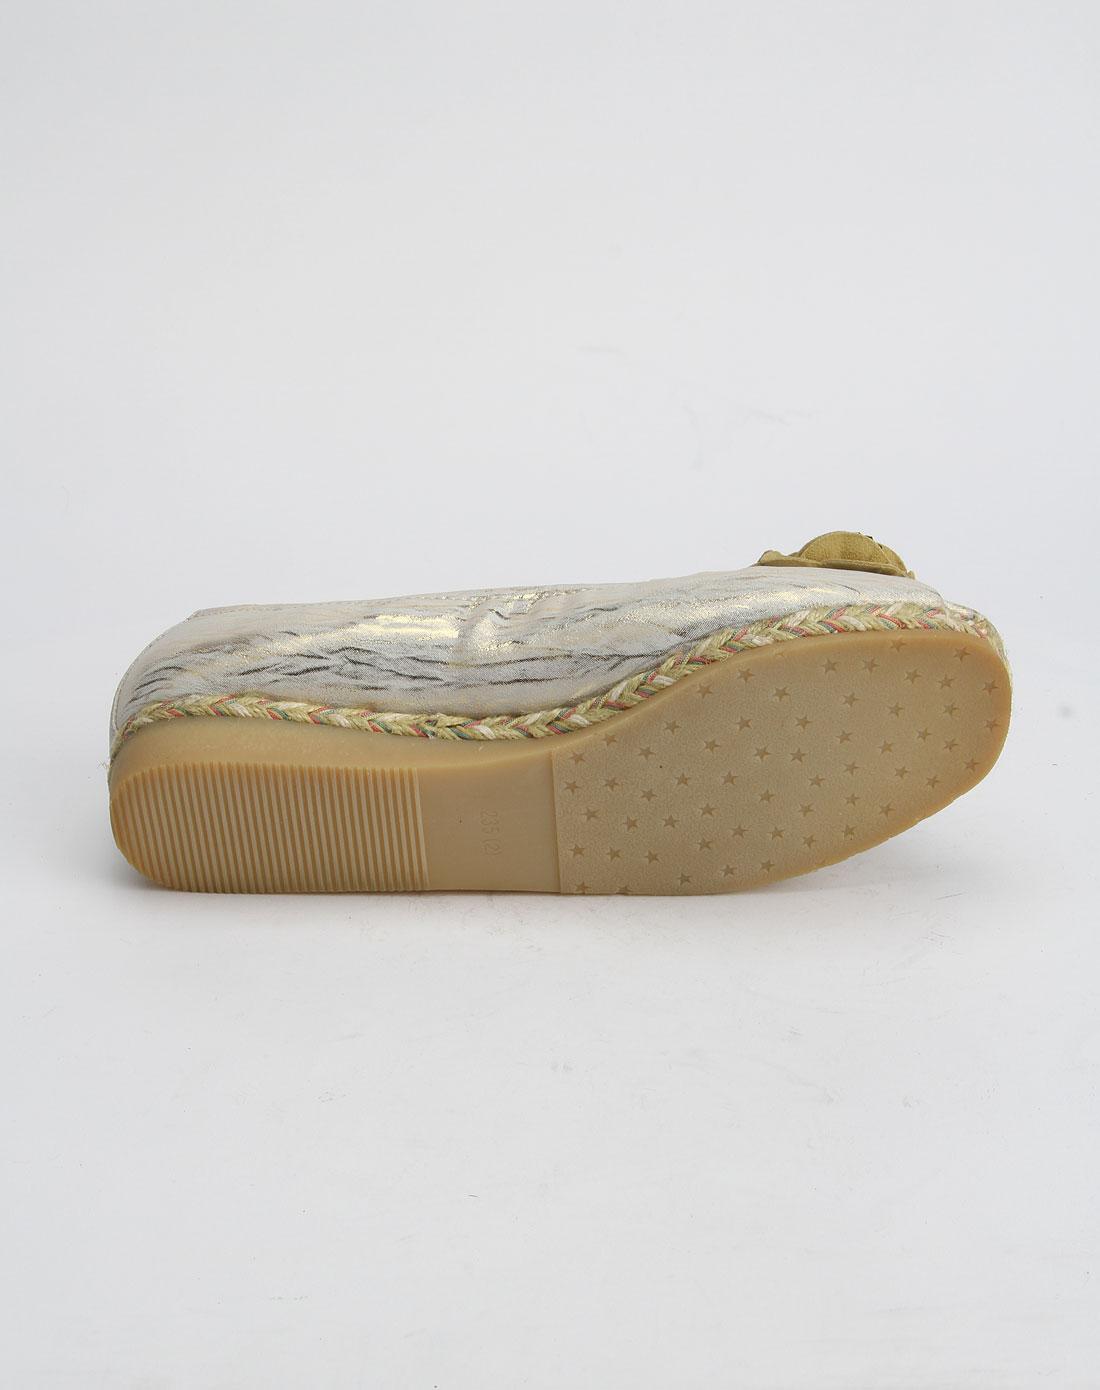 诗思c&c女款金色优雅低跟鱼嘴鞋111656419